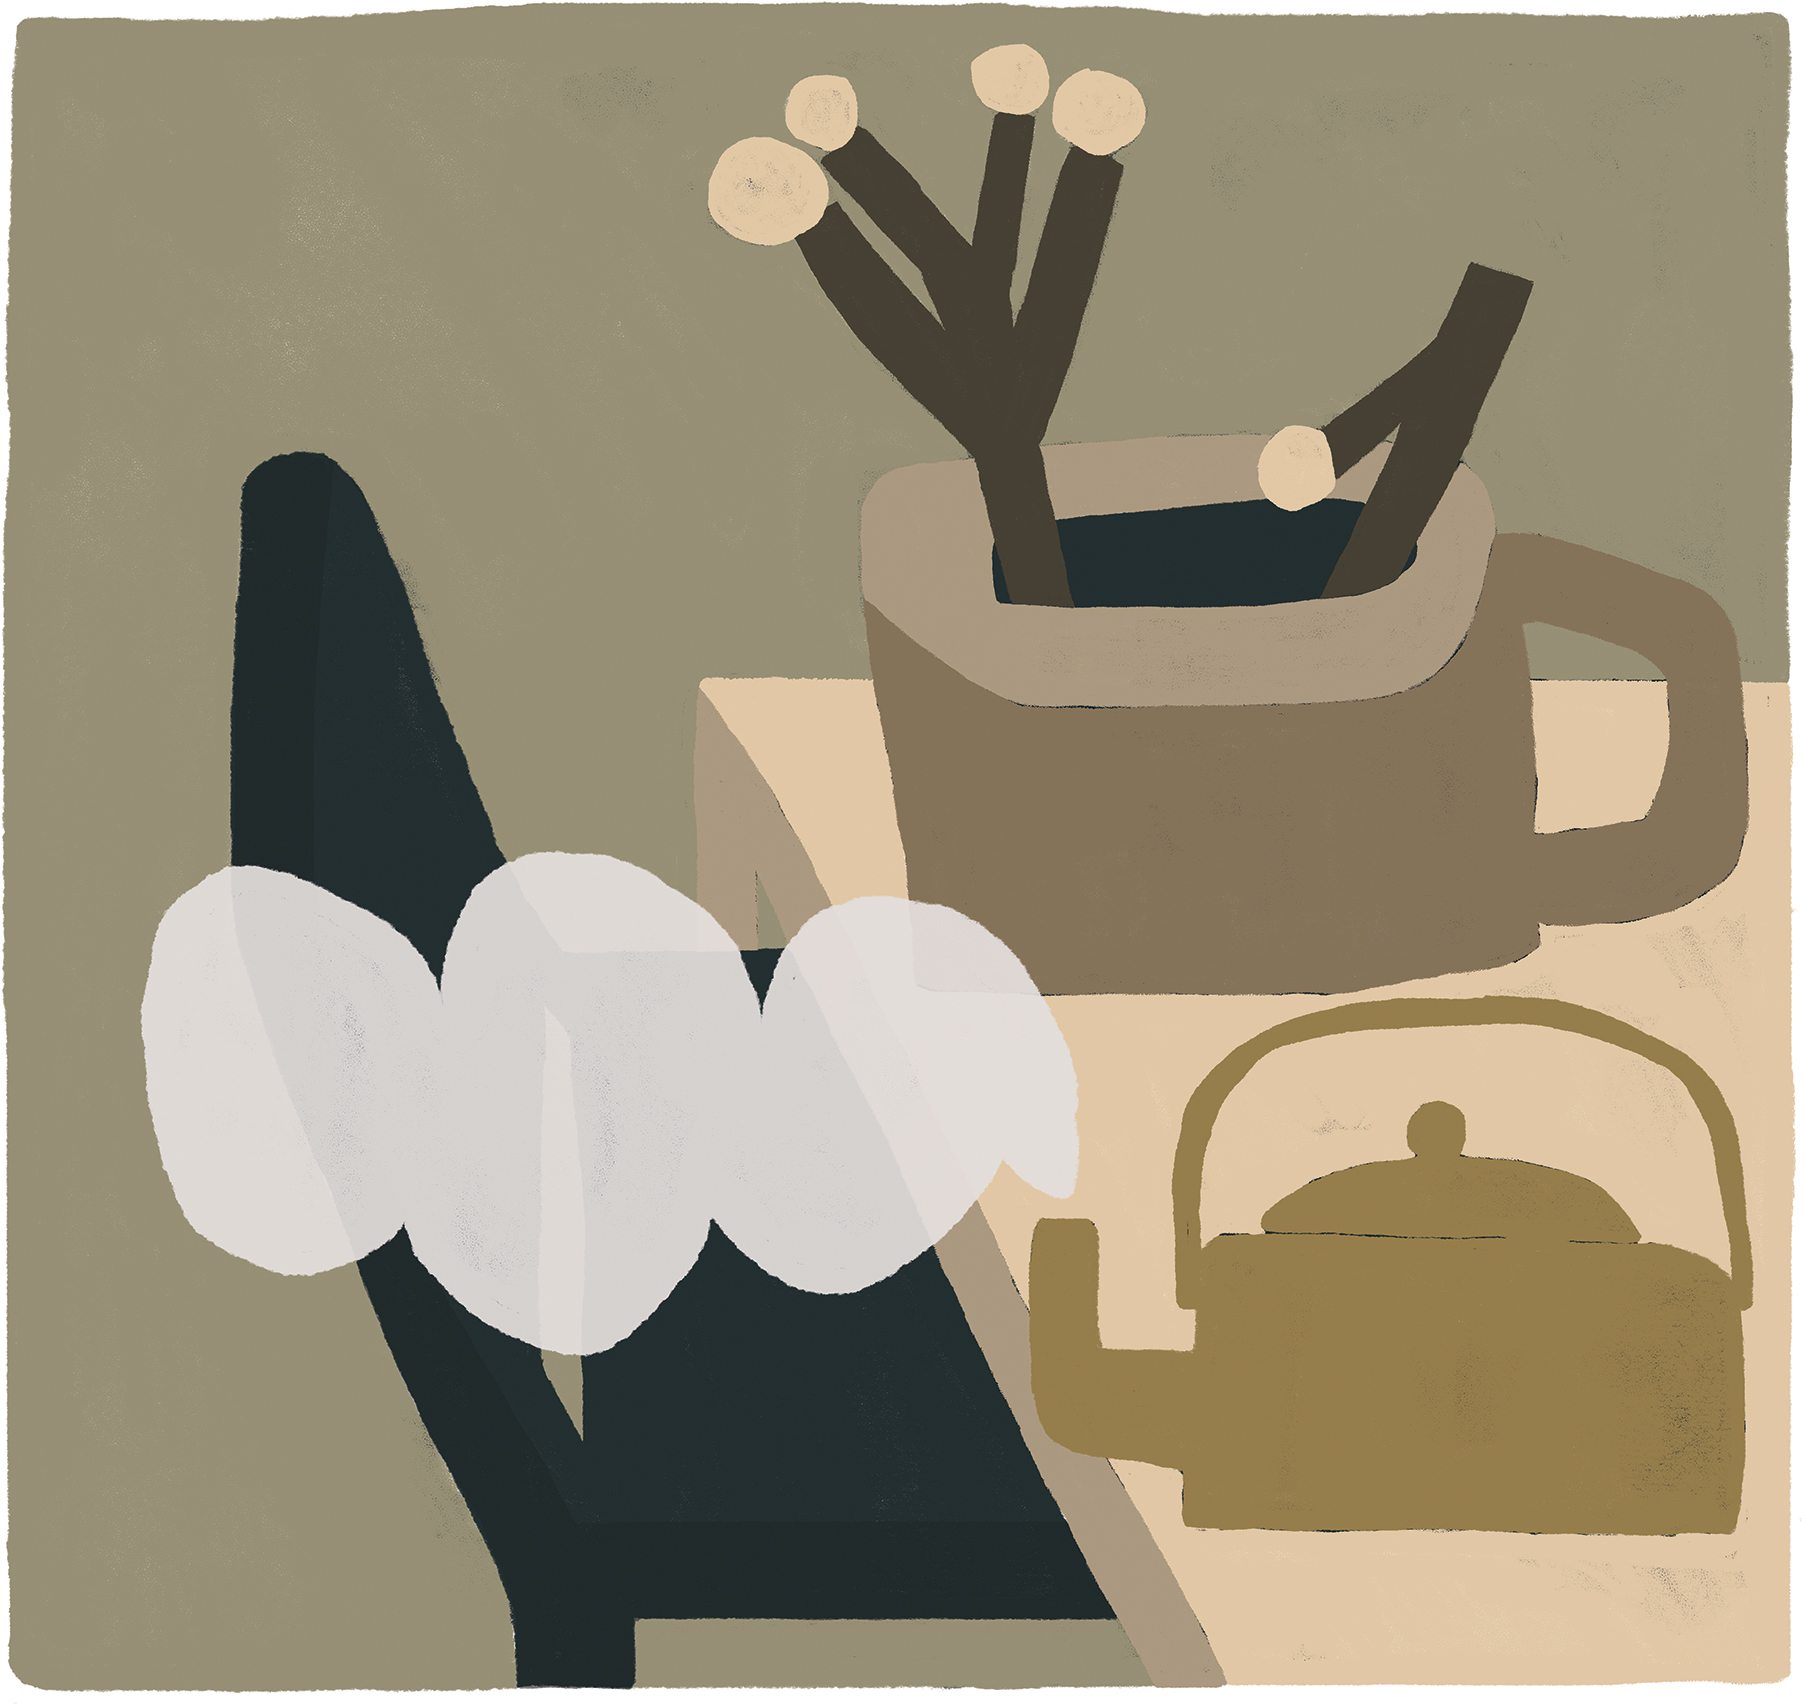 teacup and pot_web.jpg